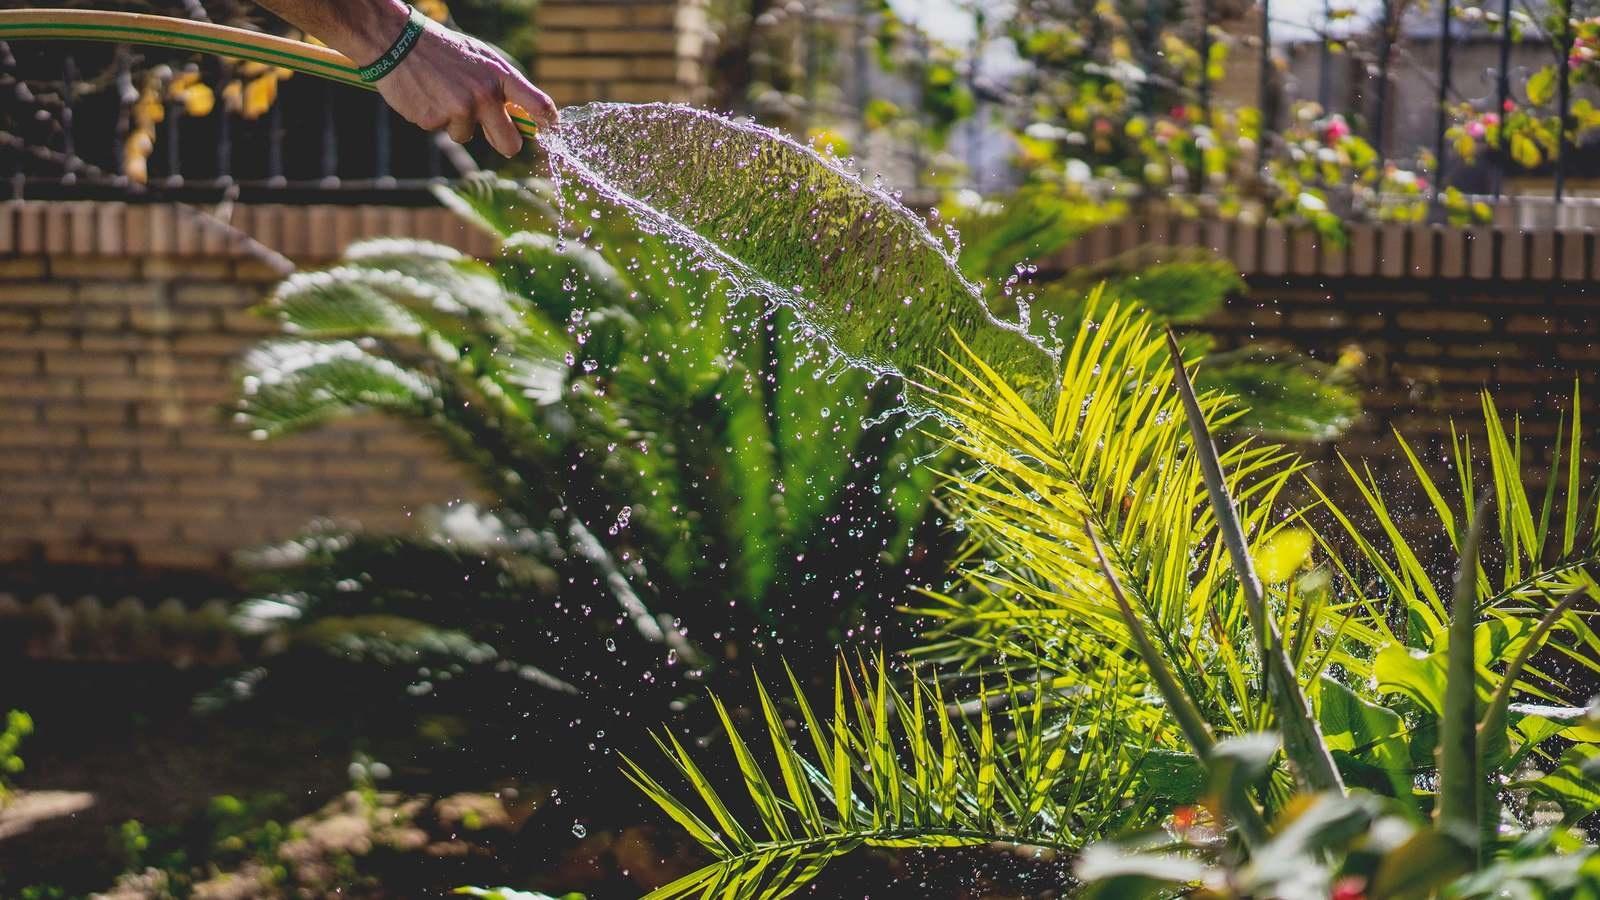 Paysagiste troyes free entretien espace verts et jardin for Entretien jardin emploi